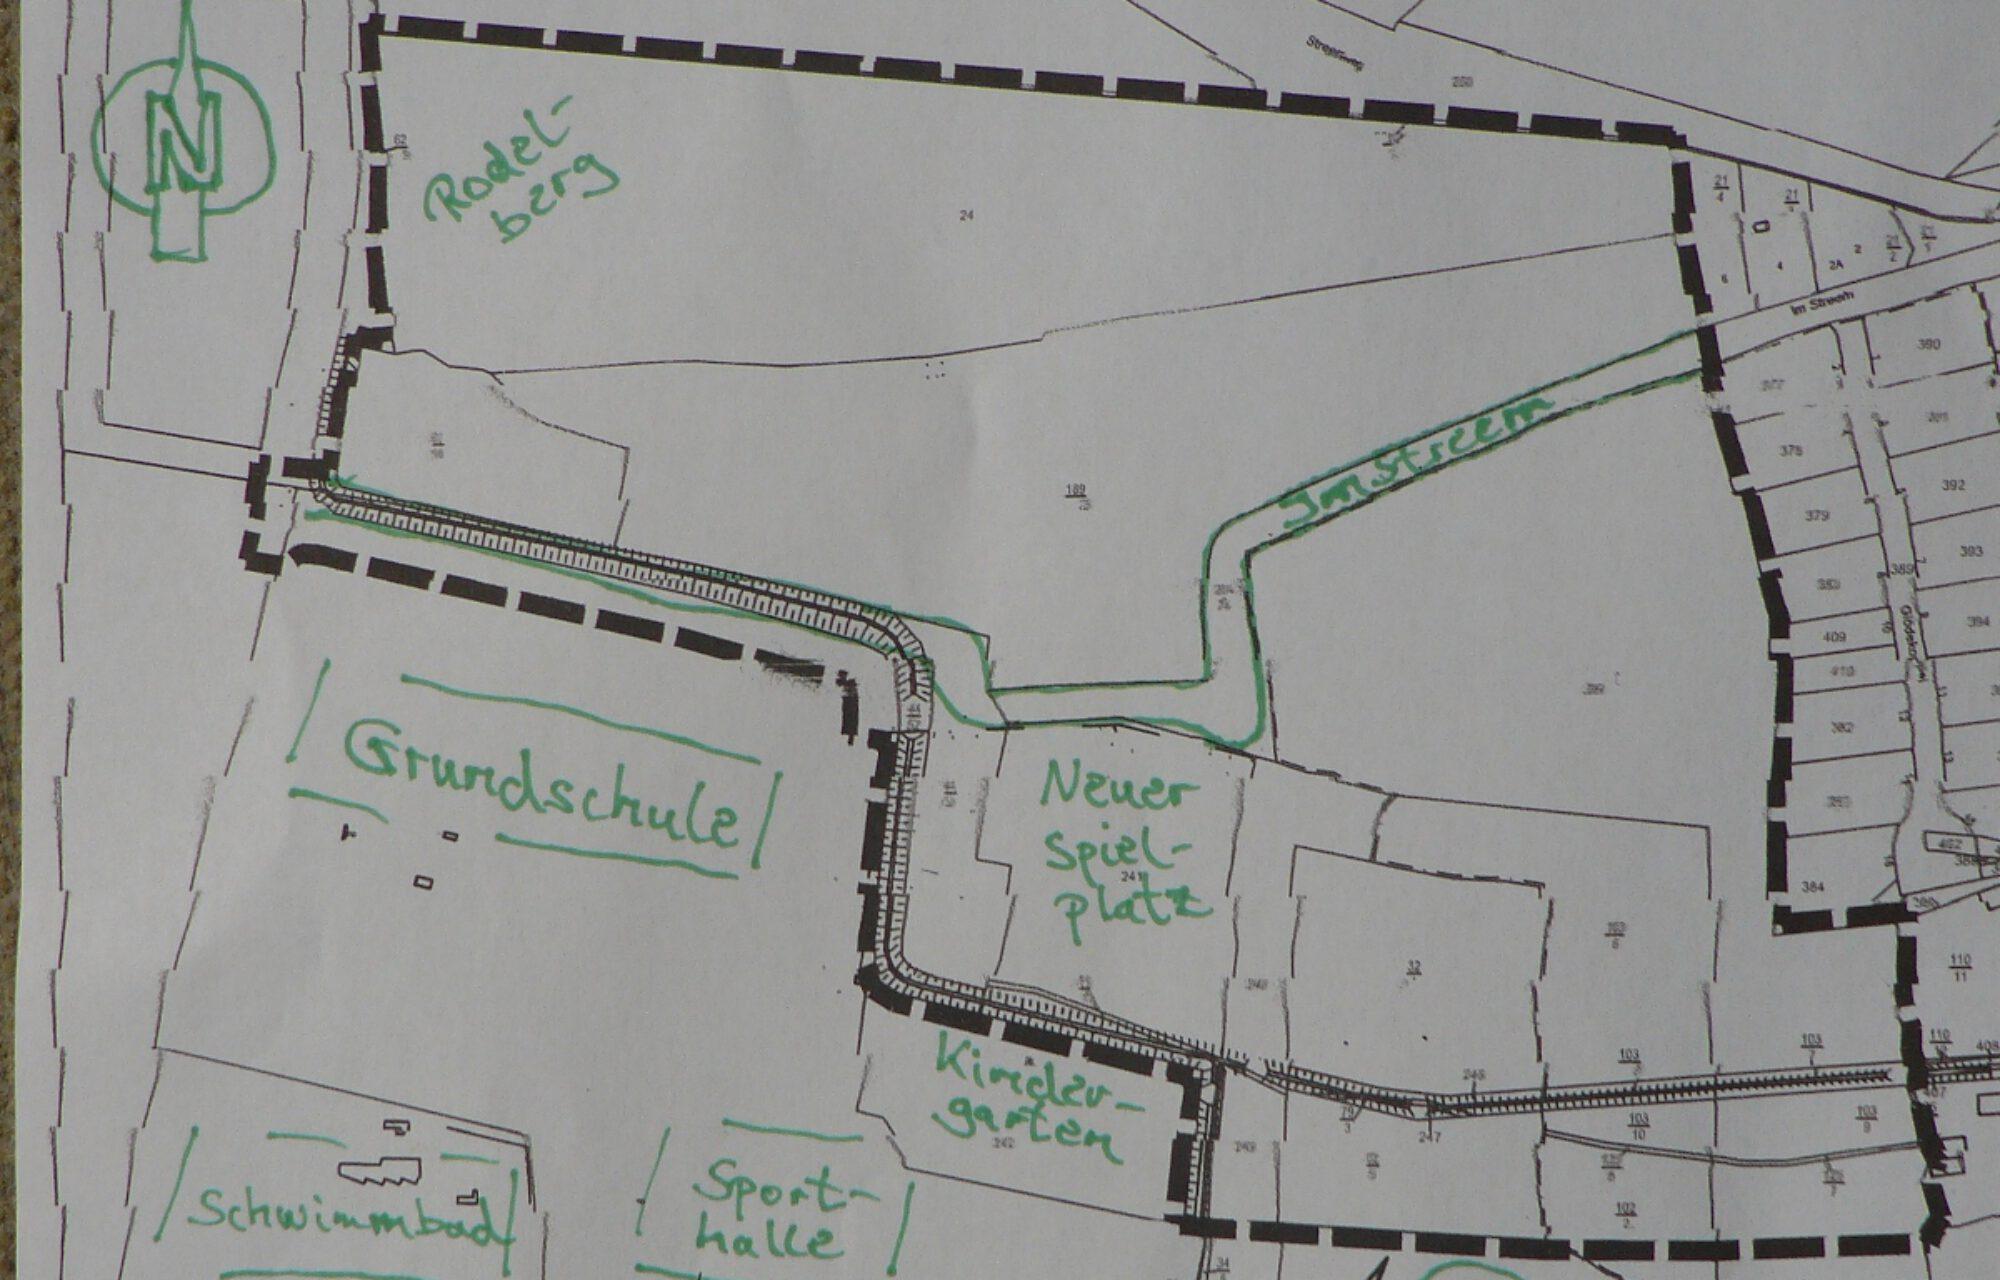 Bürgerpark-Wahlstedt